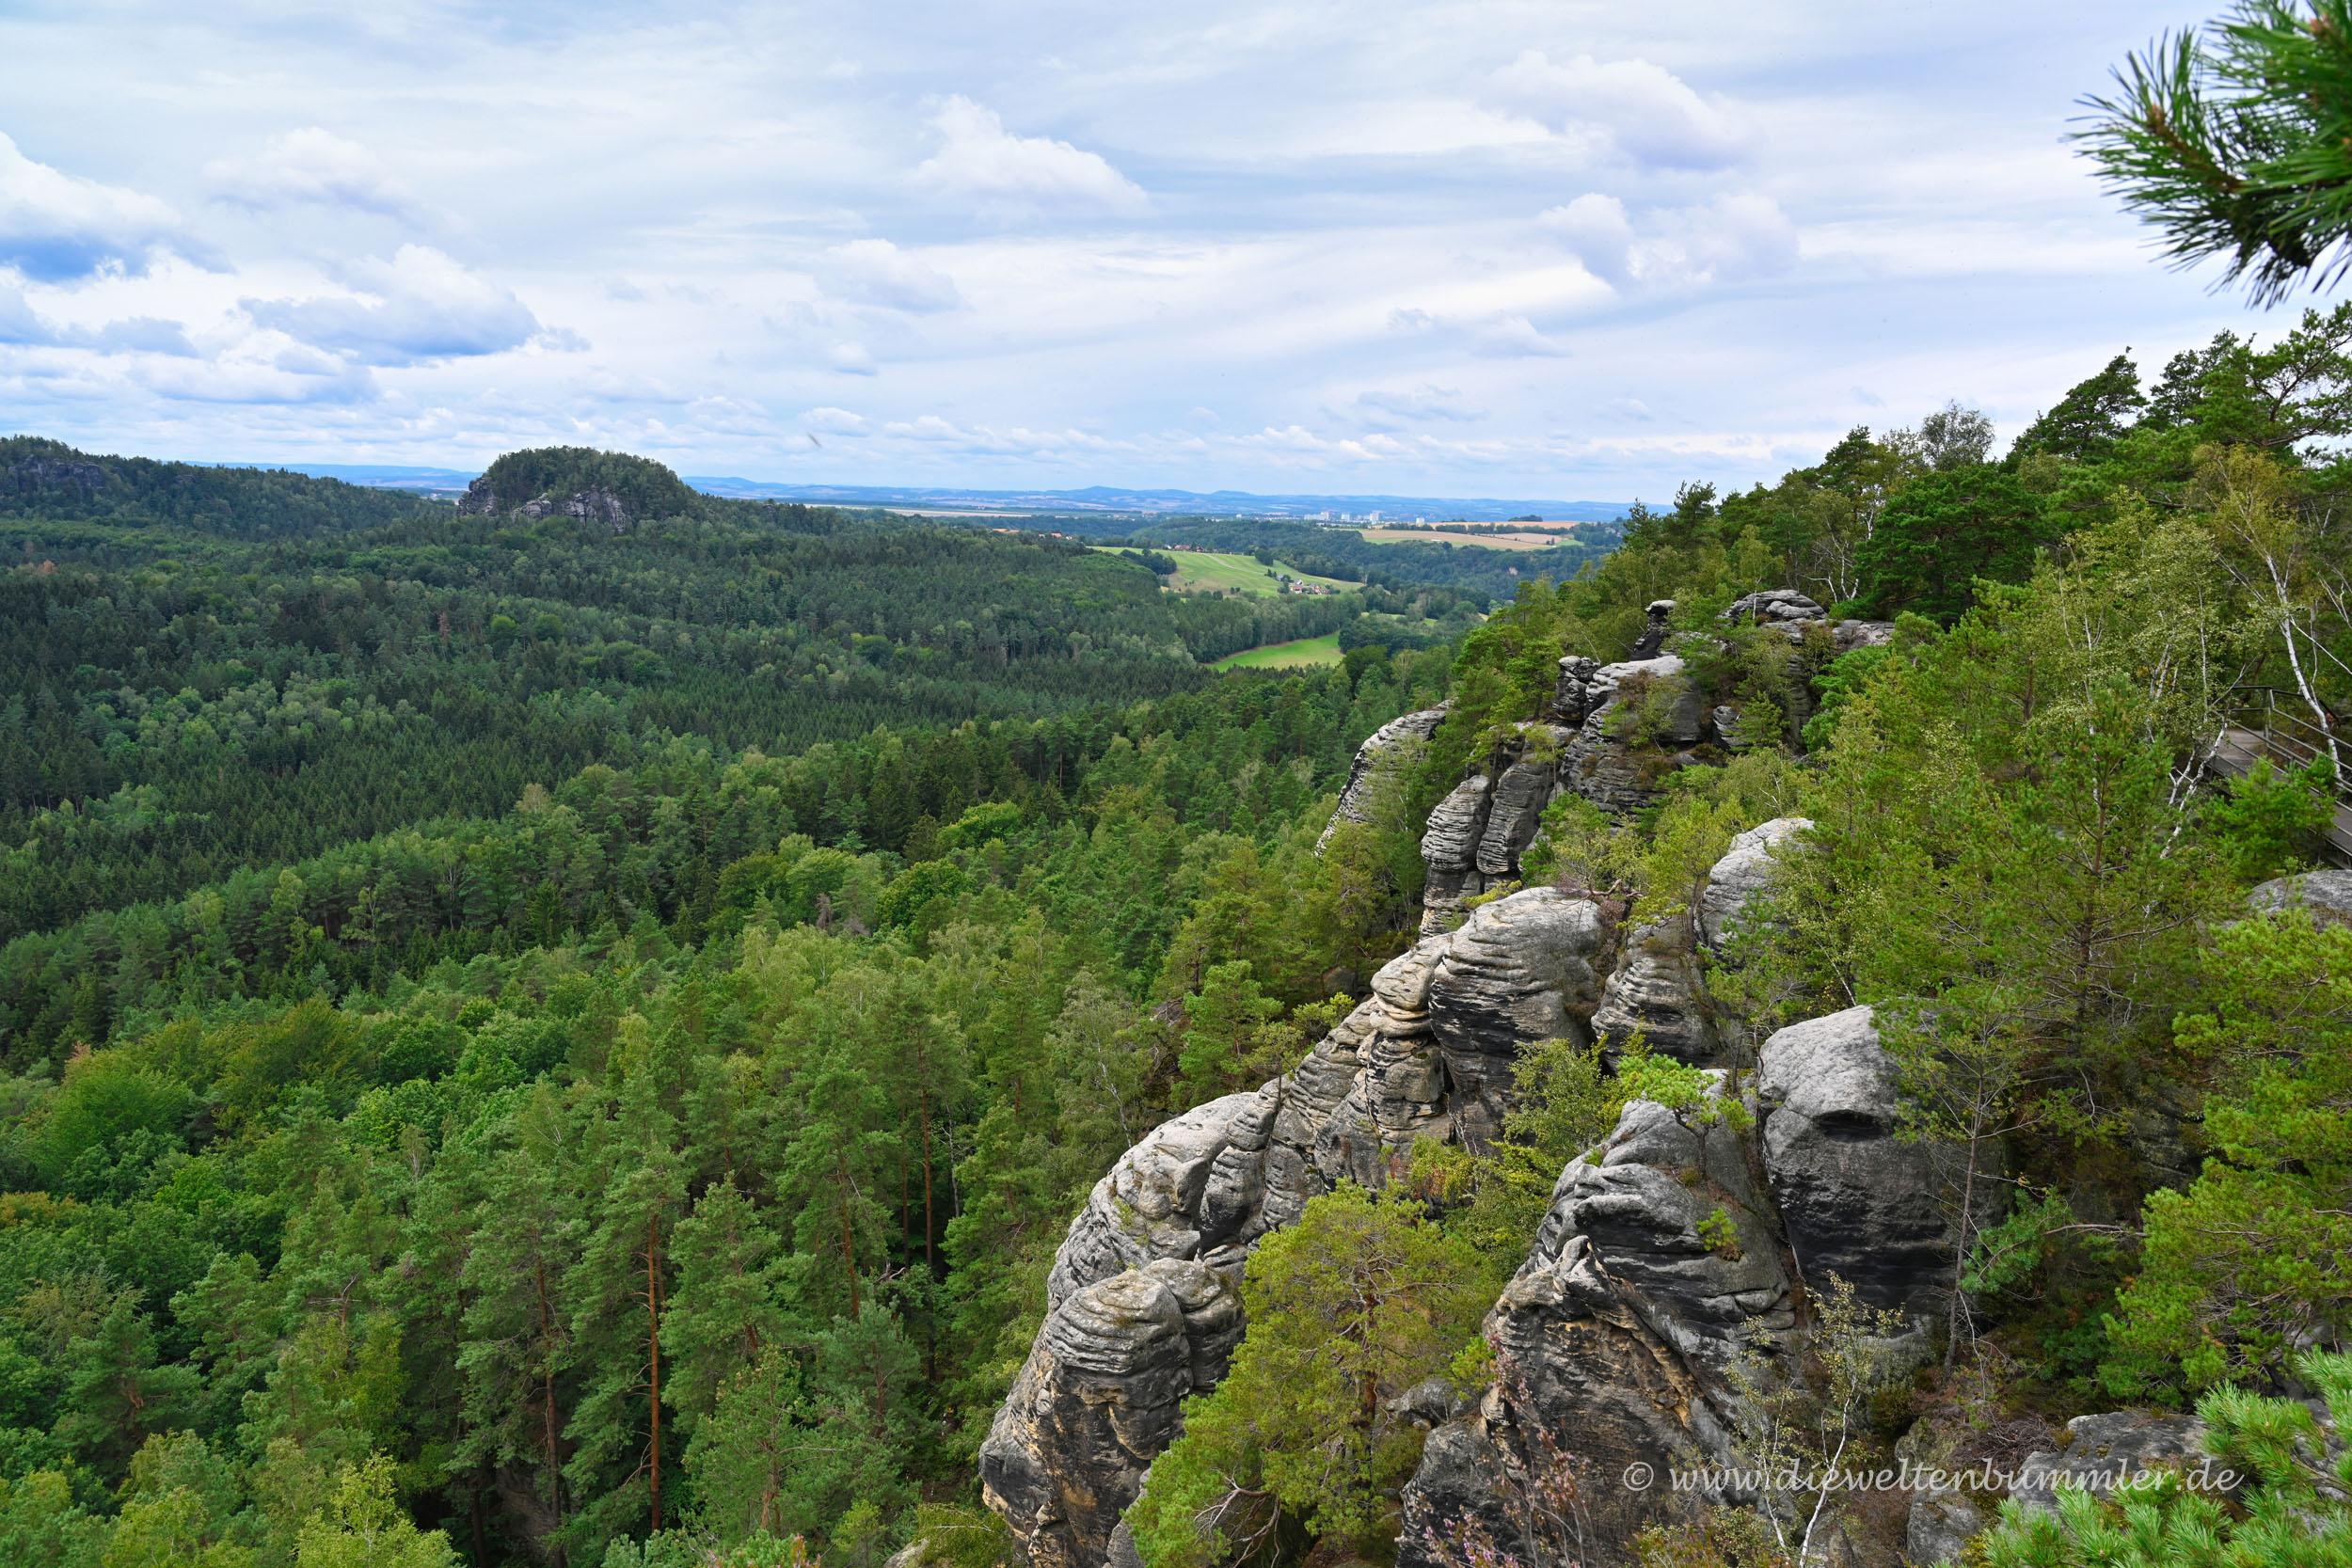 Landschaft am Rauenstein